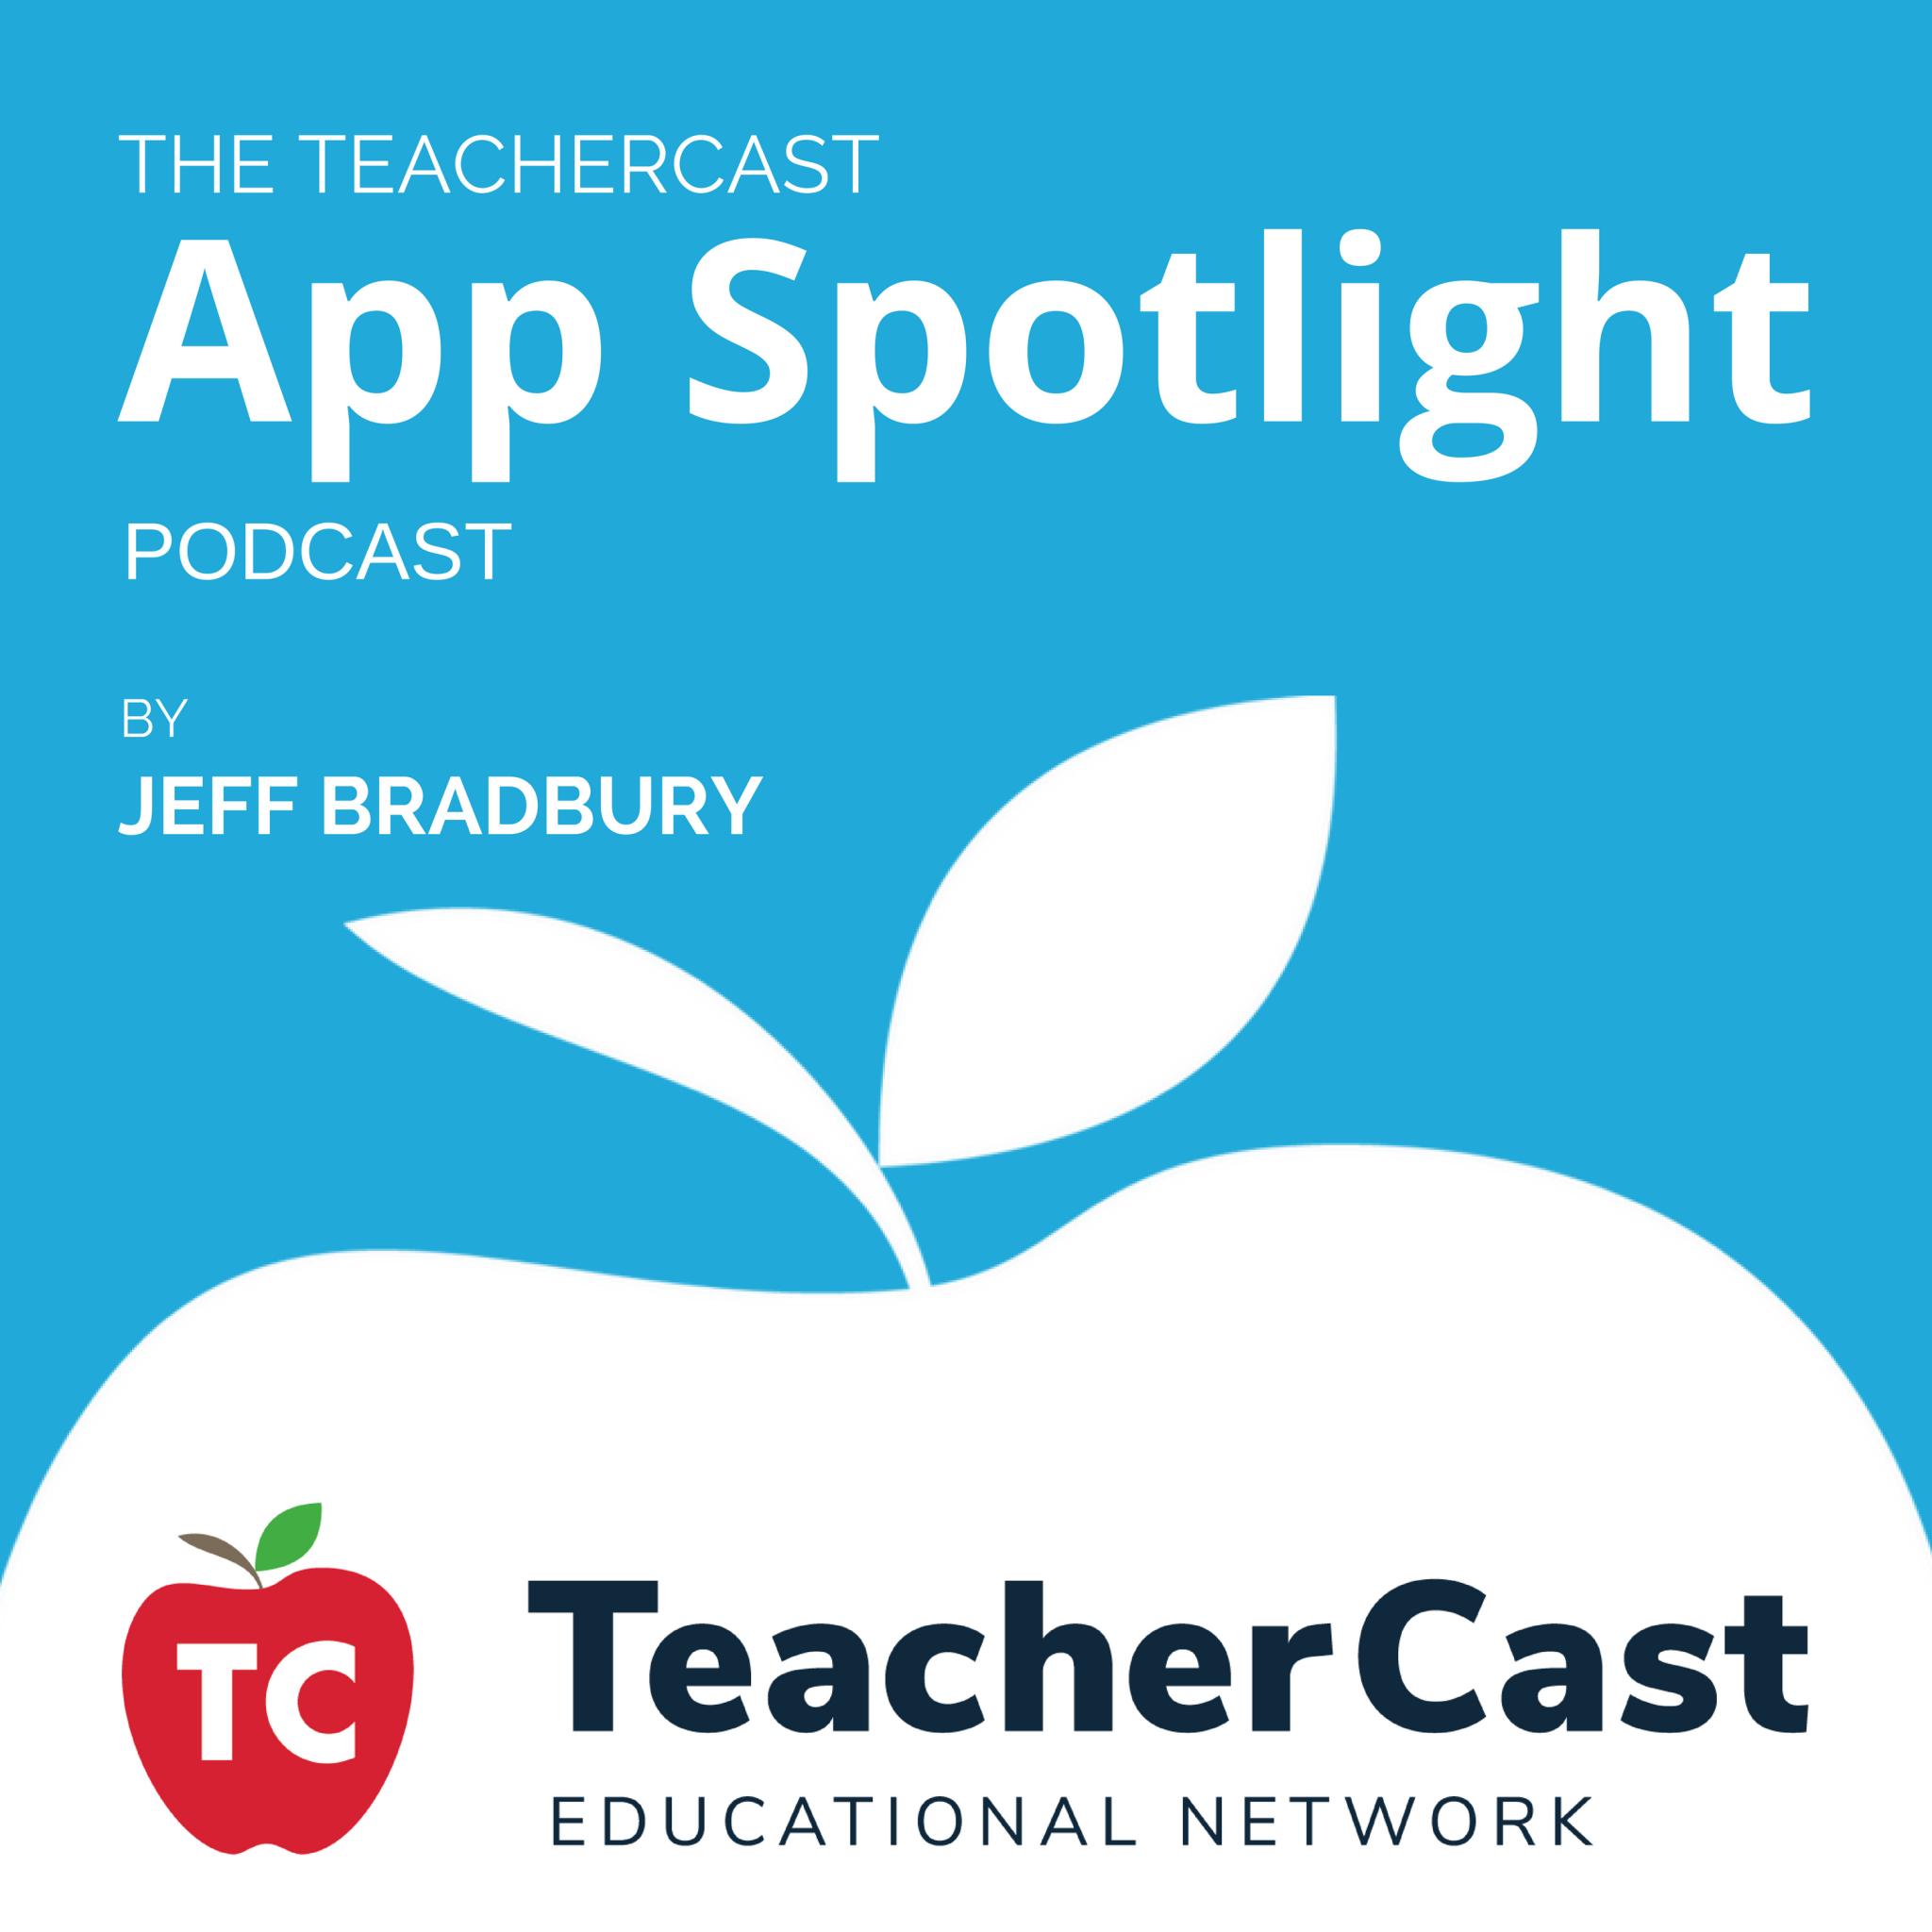 The TeacherCast App Spotlight – The TeacherCast Educational Network